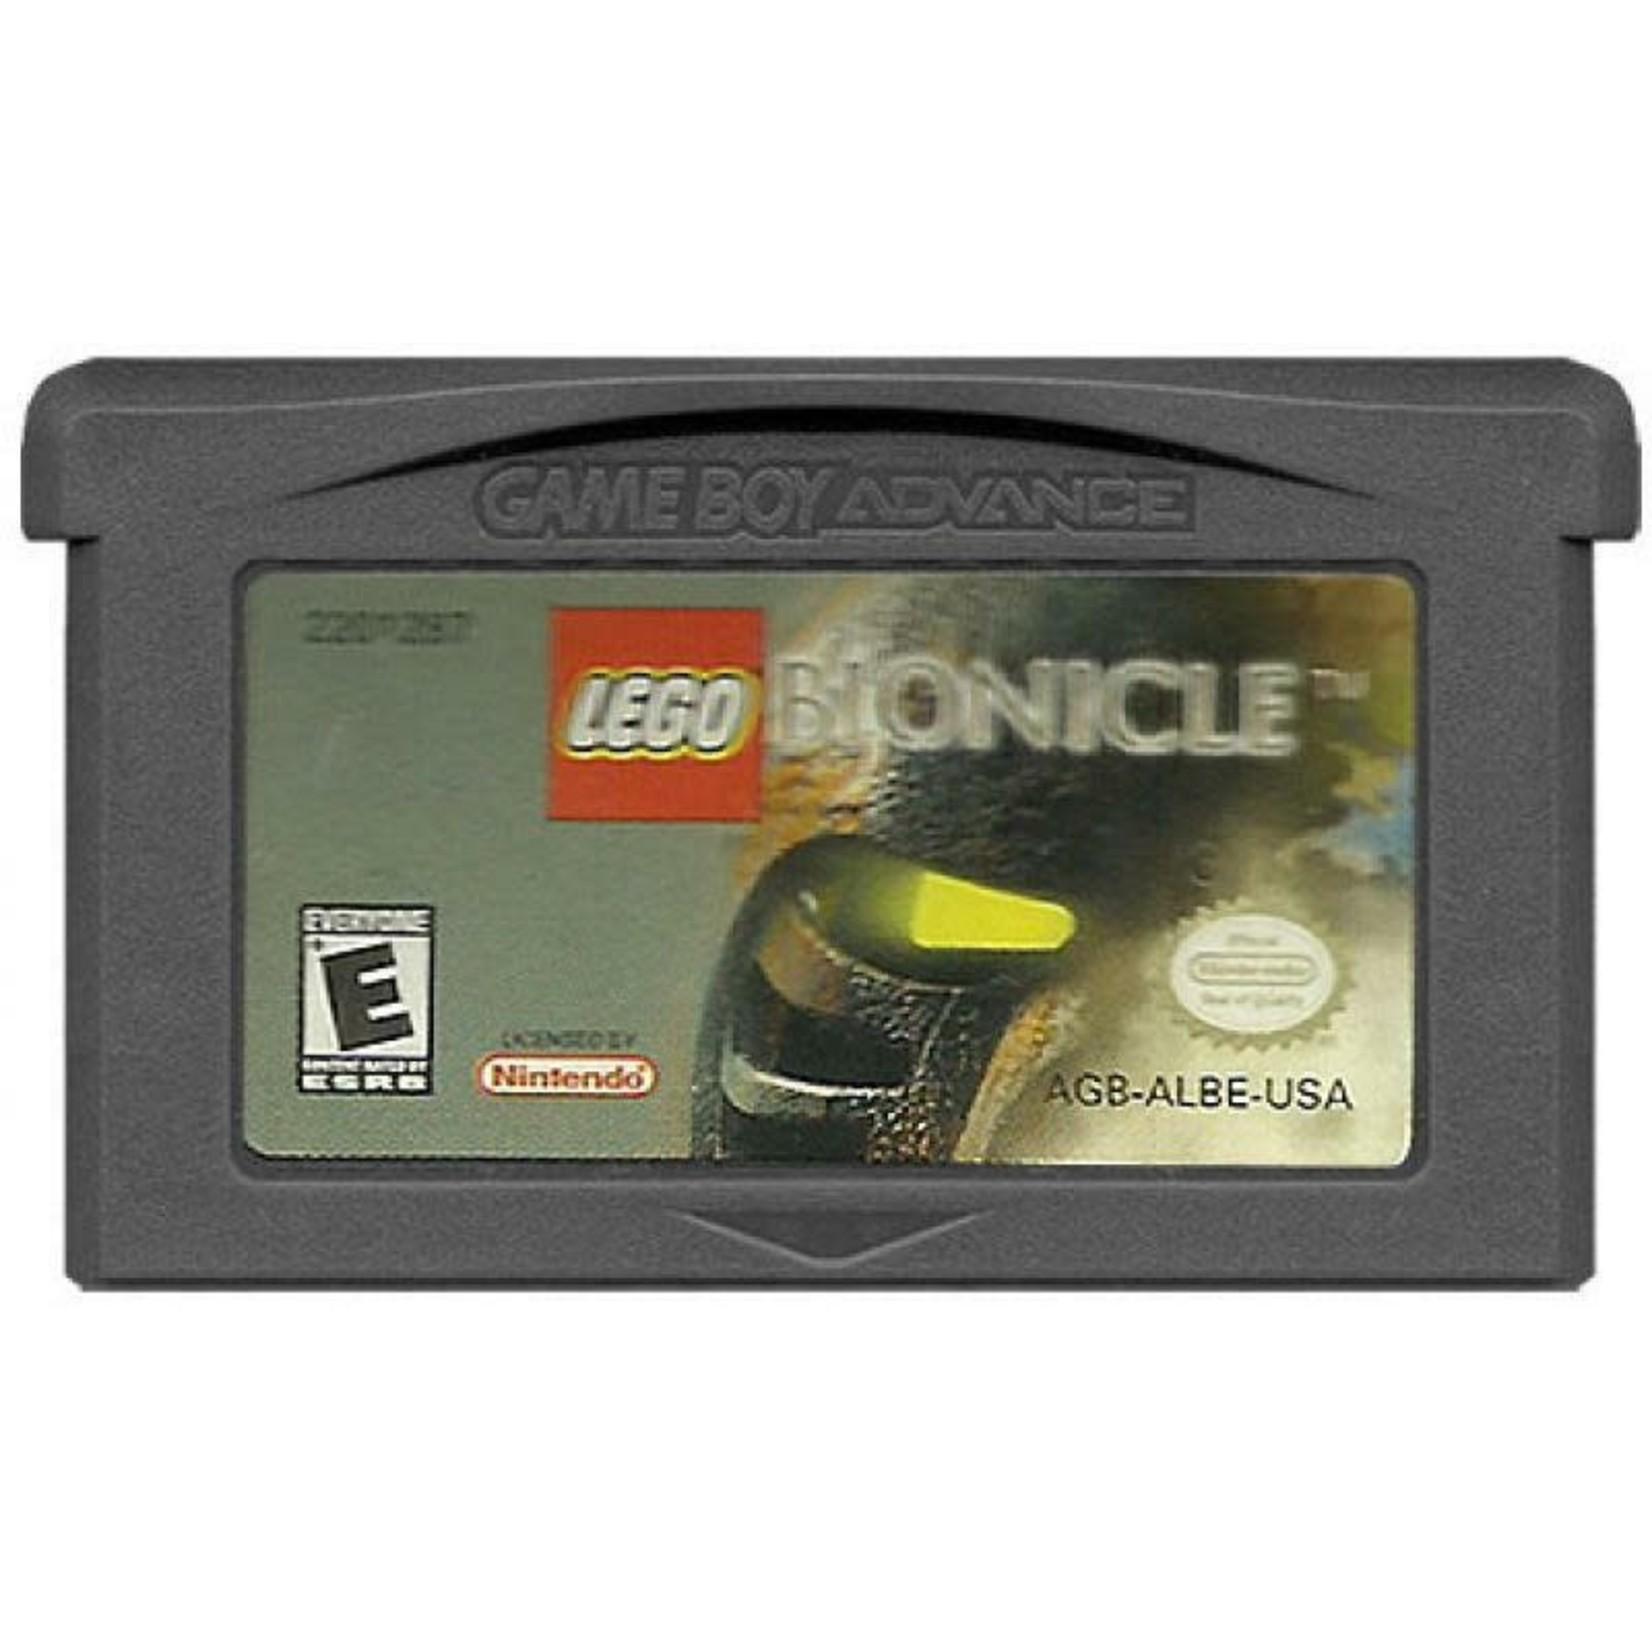 GBAU-LEGO Bionicle